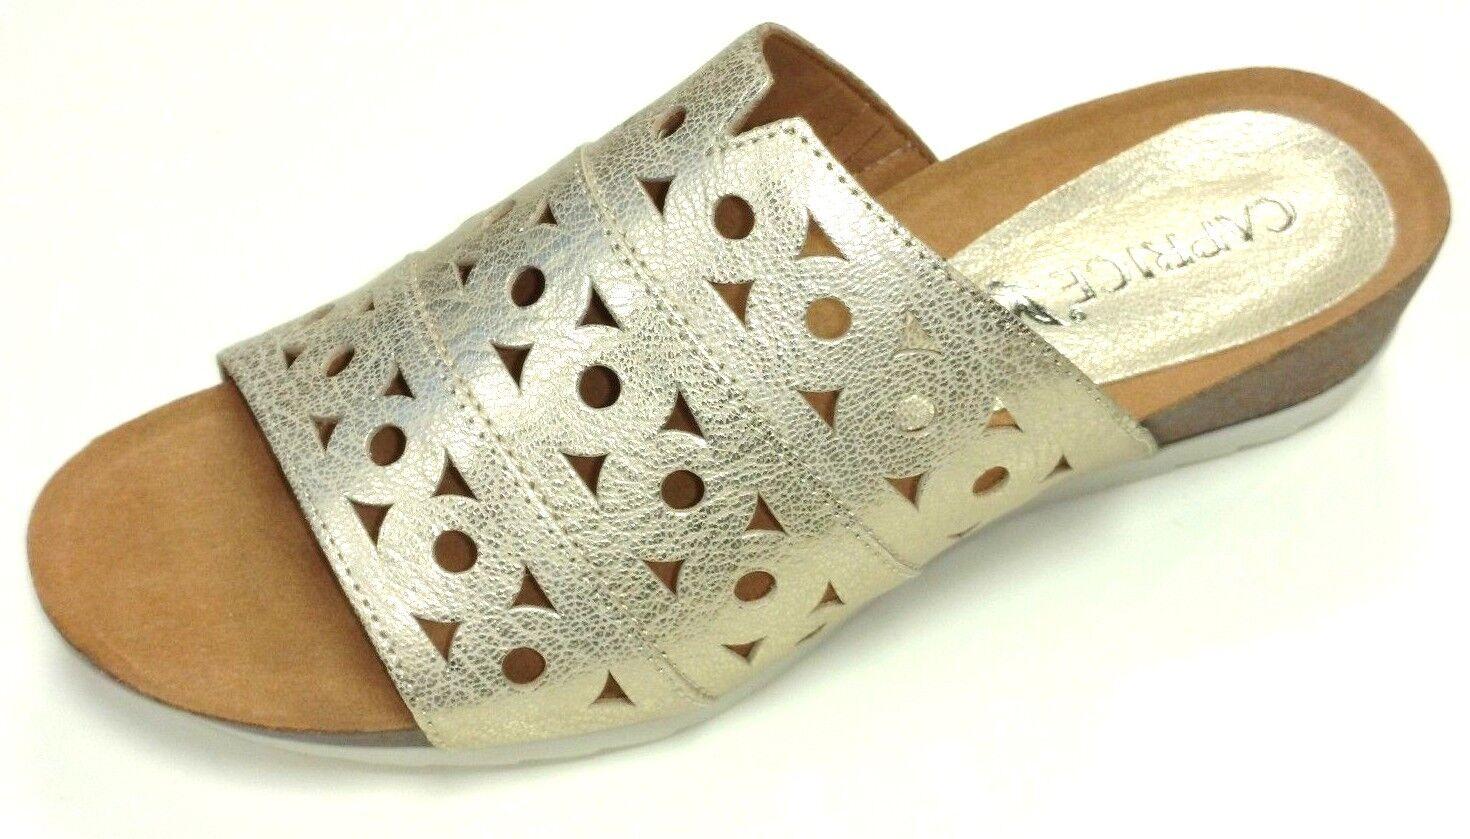 Caprice Damen Schuhe Sandale Pantolette Pantolette Pantolette bequem Leder 27100 Leder c82d3f